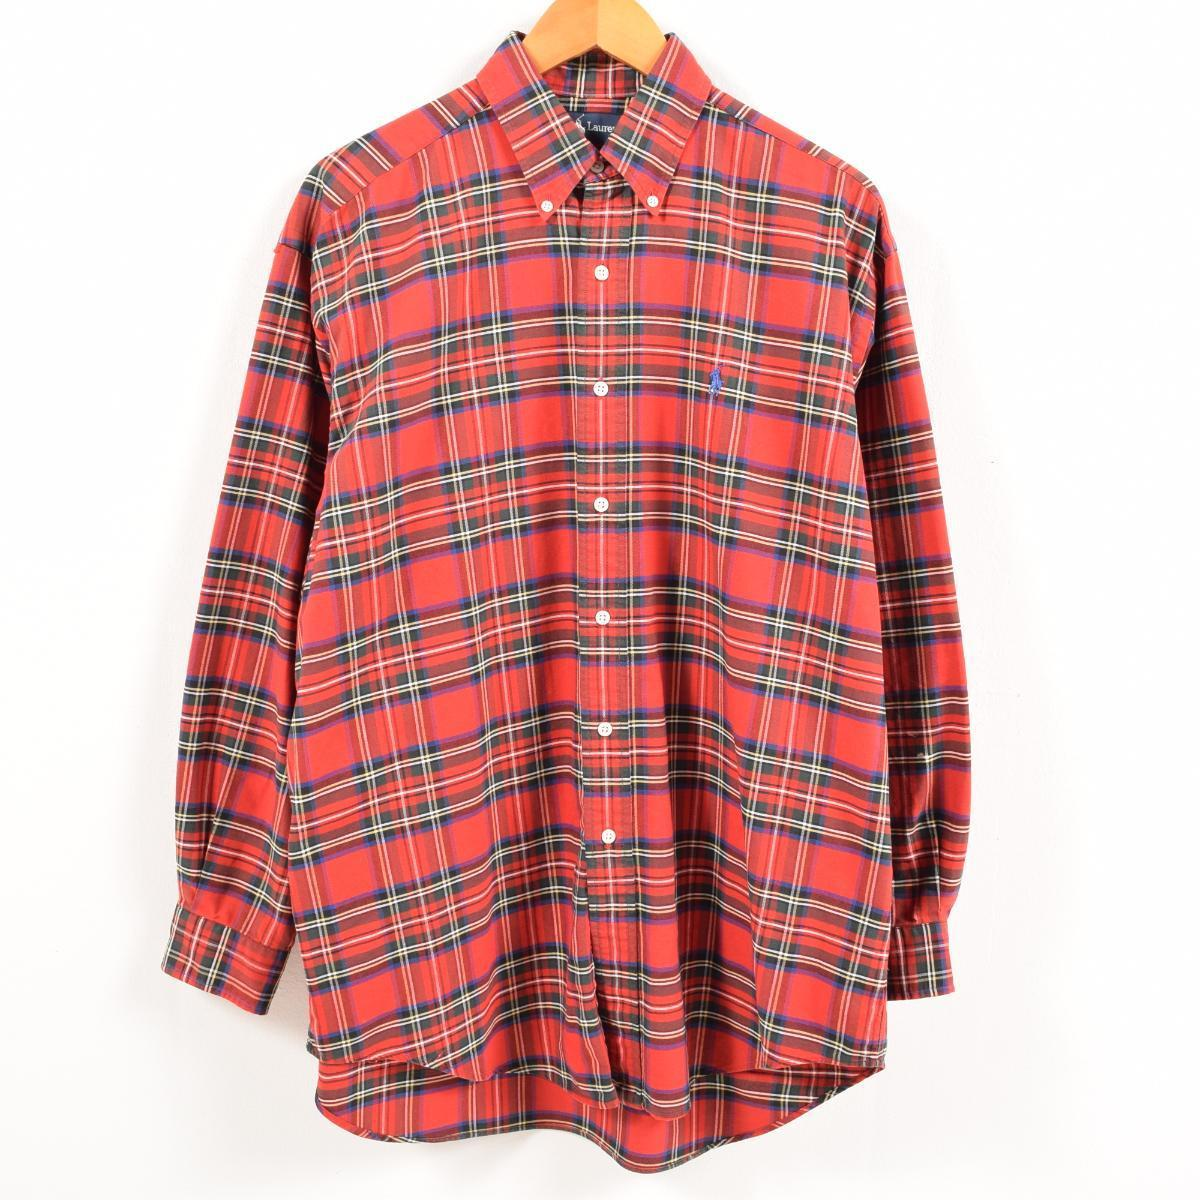 ラルフローレン Ralph Lauren タータンチェック 長袖 ボタンダウンチェックシャツ メンズXL /wax7692 【中古】 【181009】